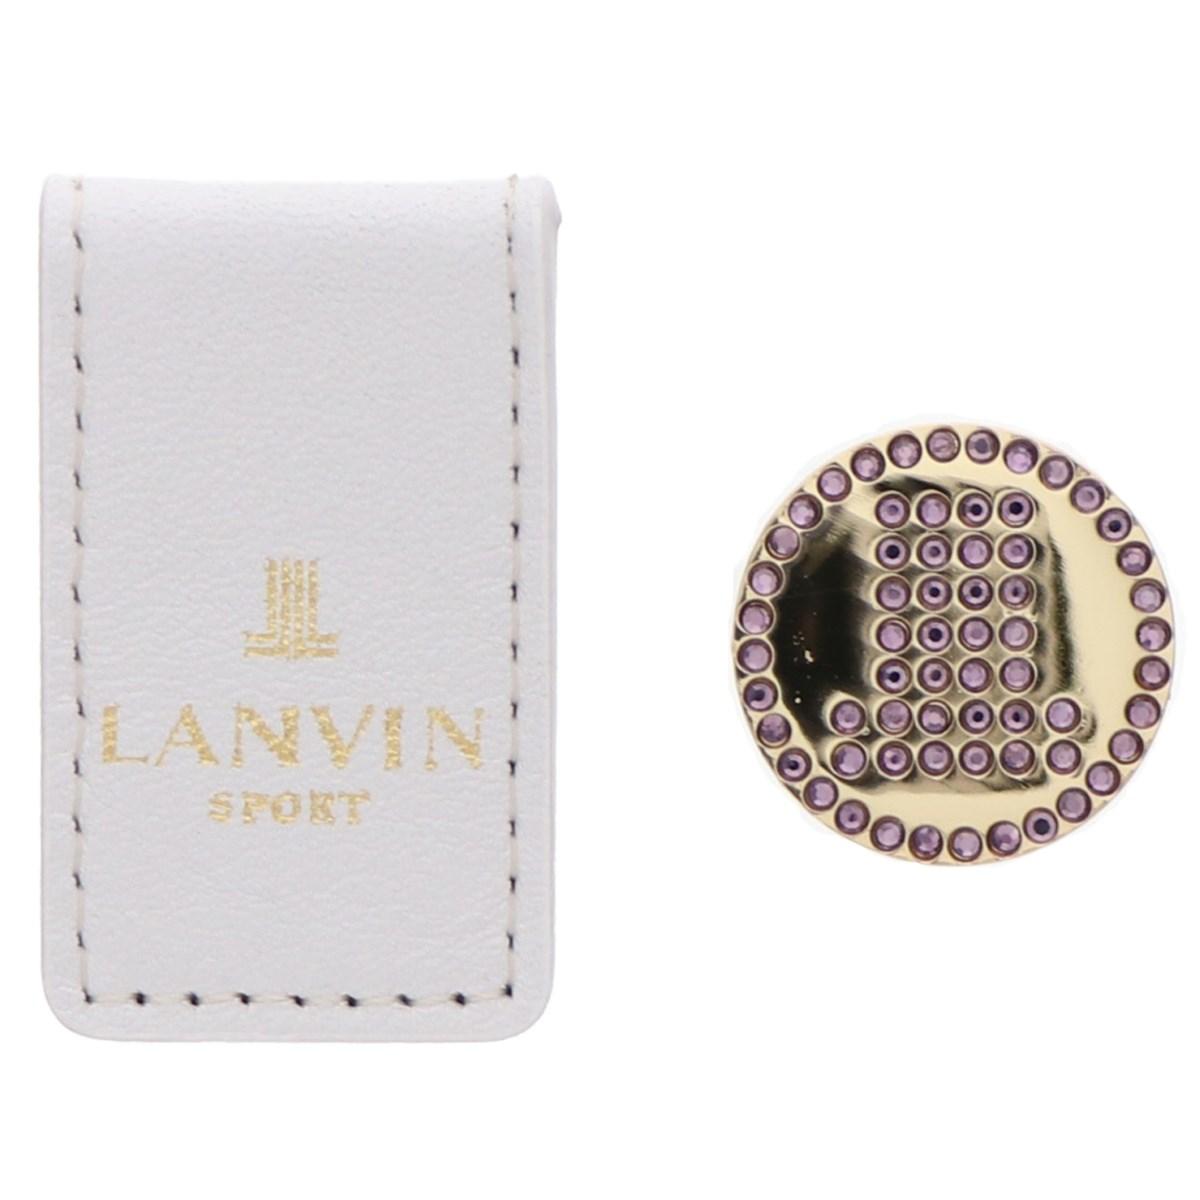 ランバン スポール LANVIN SPORT マーカー ホワイト 01